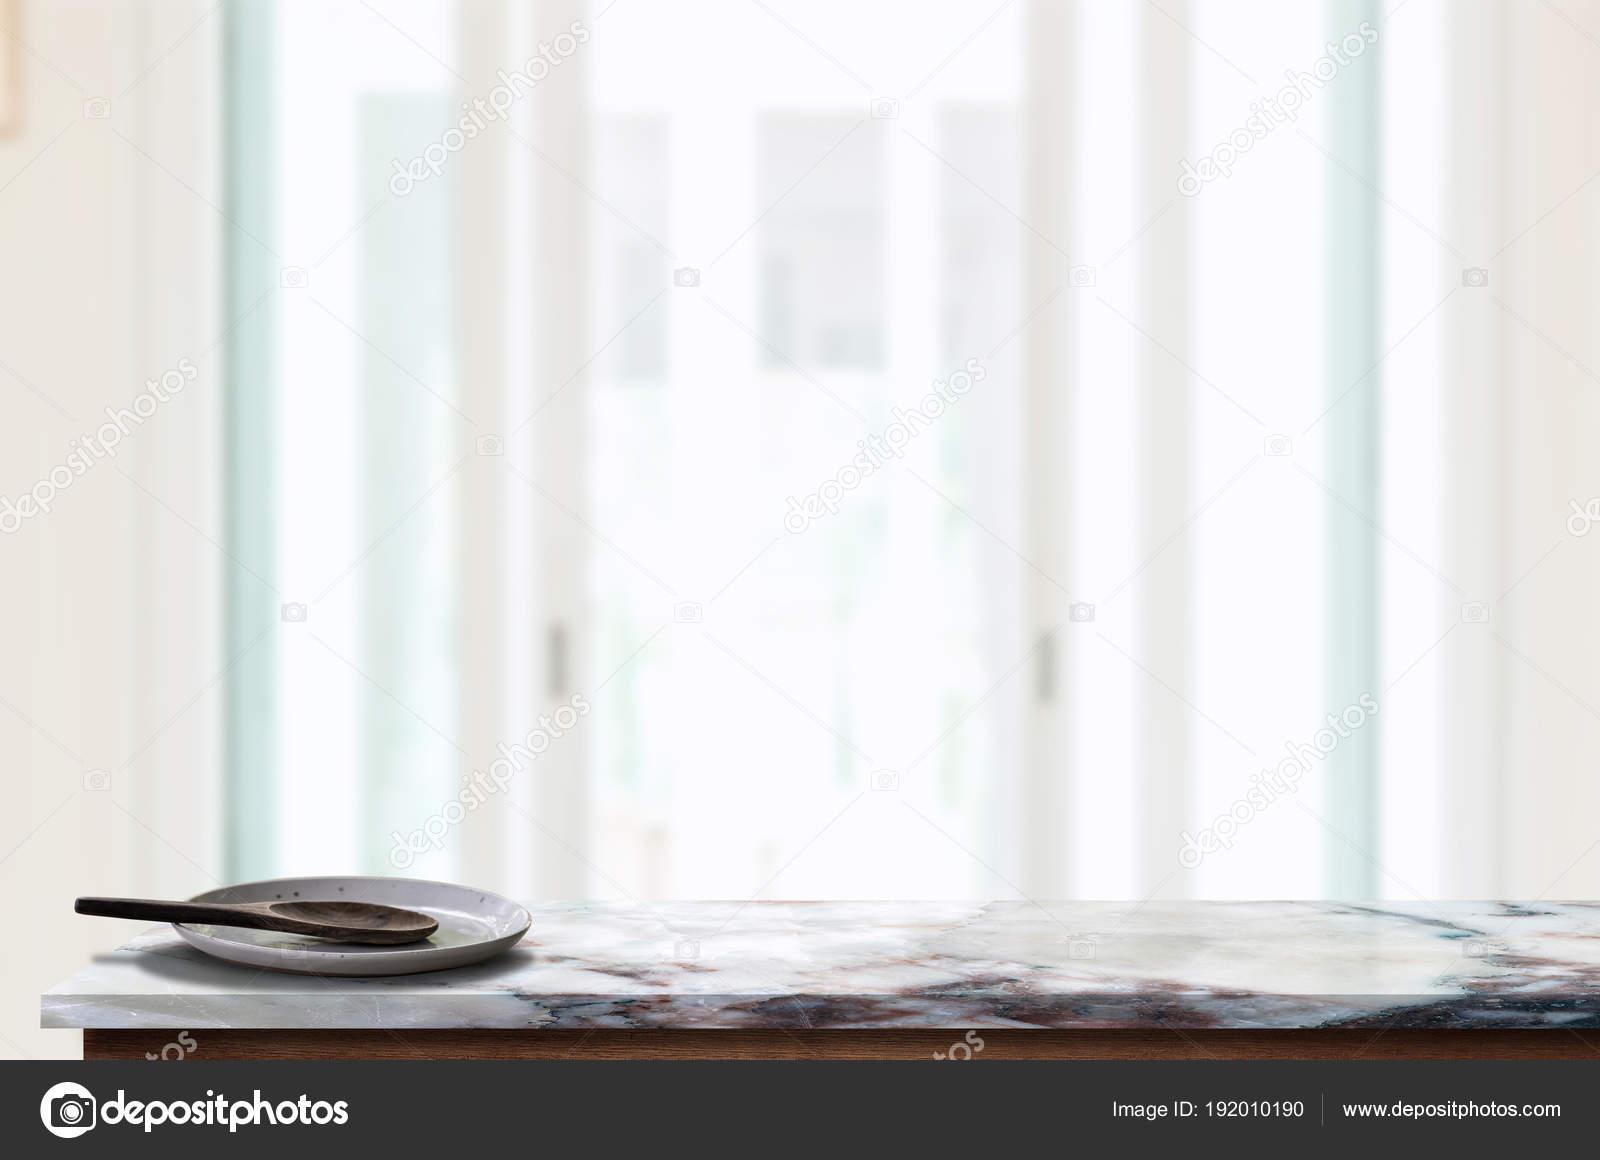 Piatto in ceramica con cucchiaio di legno su piano tavolo in ...